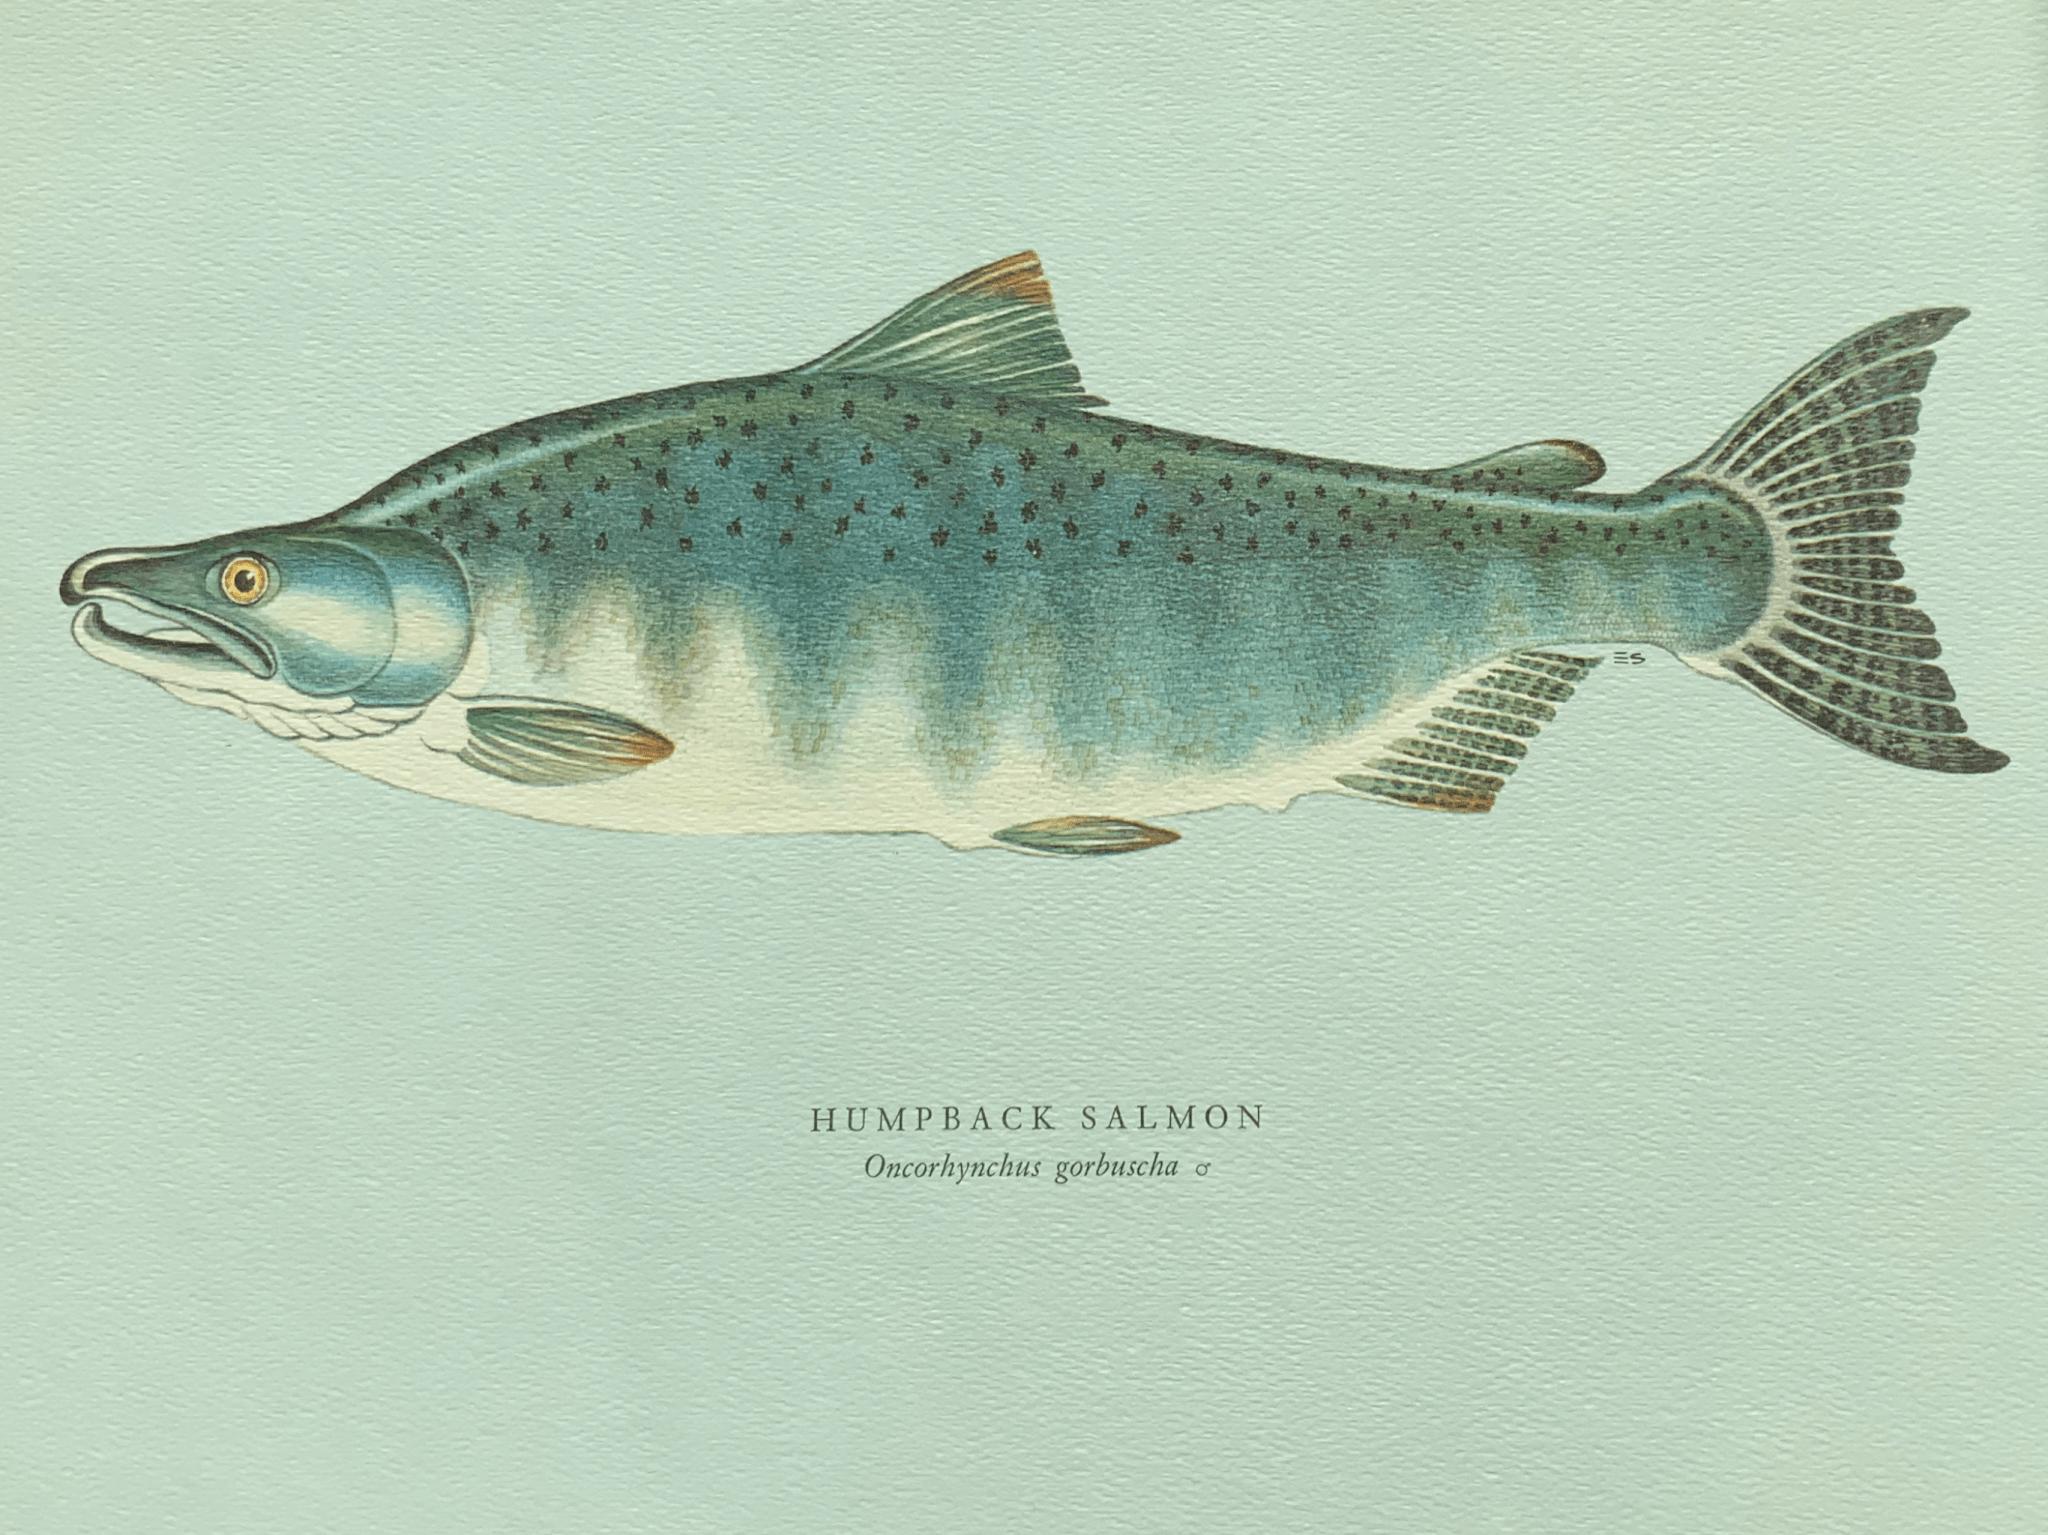 Humpback salmon 拱背鮭魚 拱背鮭魚其實就是轉入淡水之後成熟了的雄性粉紅鮭魚。